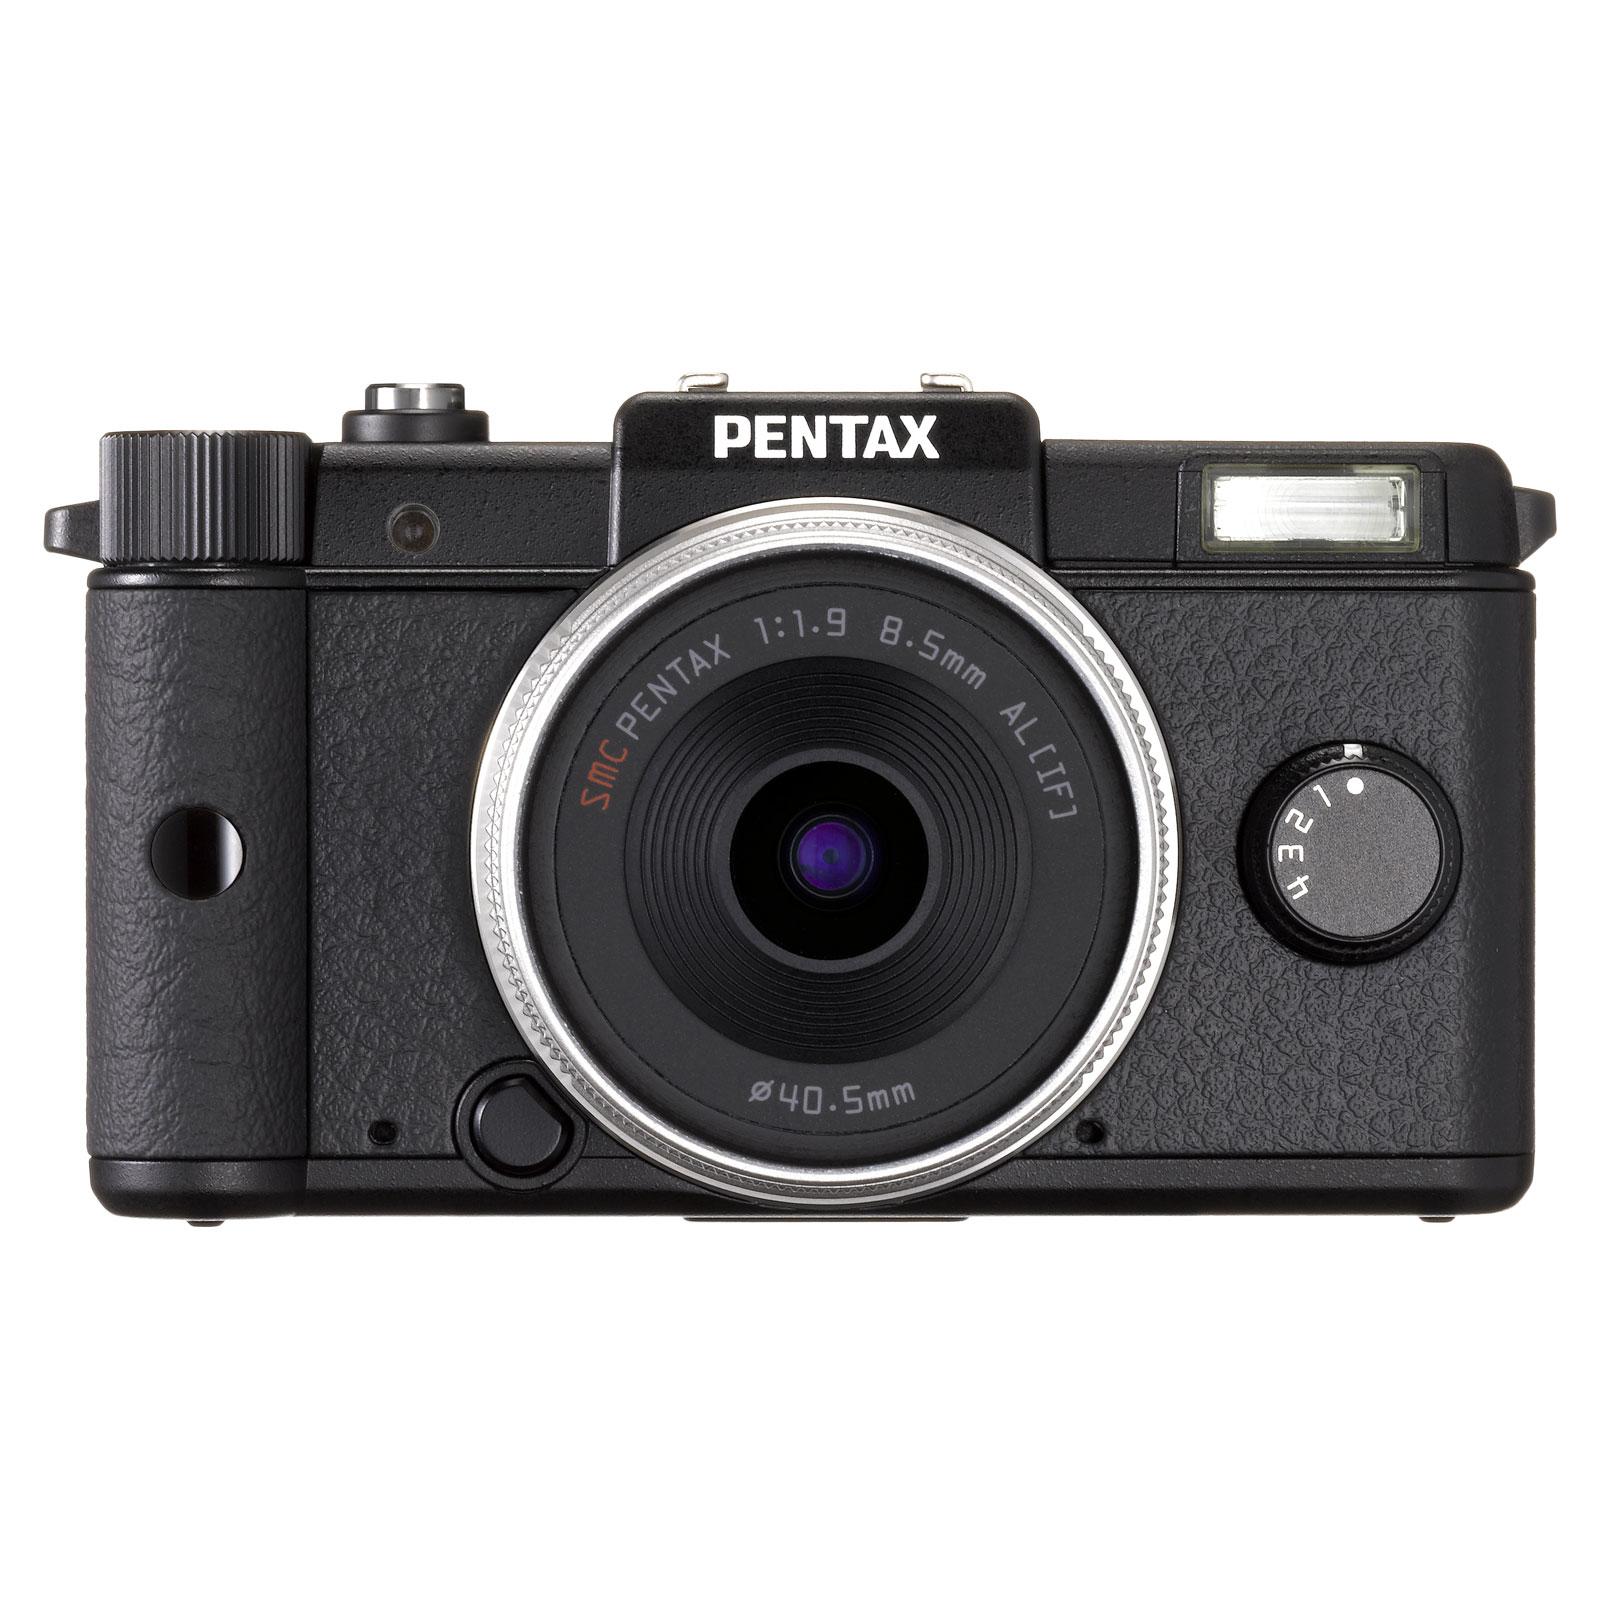 pentax q noir objectif f 1 9 al appareil photo hybride pentax sur ldlc. Black Bedroom Furniture Sets. Home Design Ideas